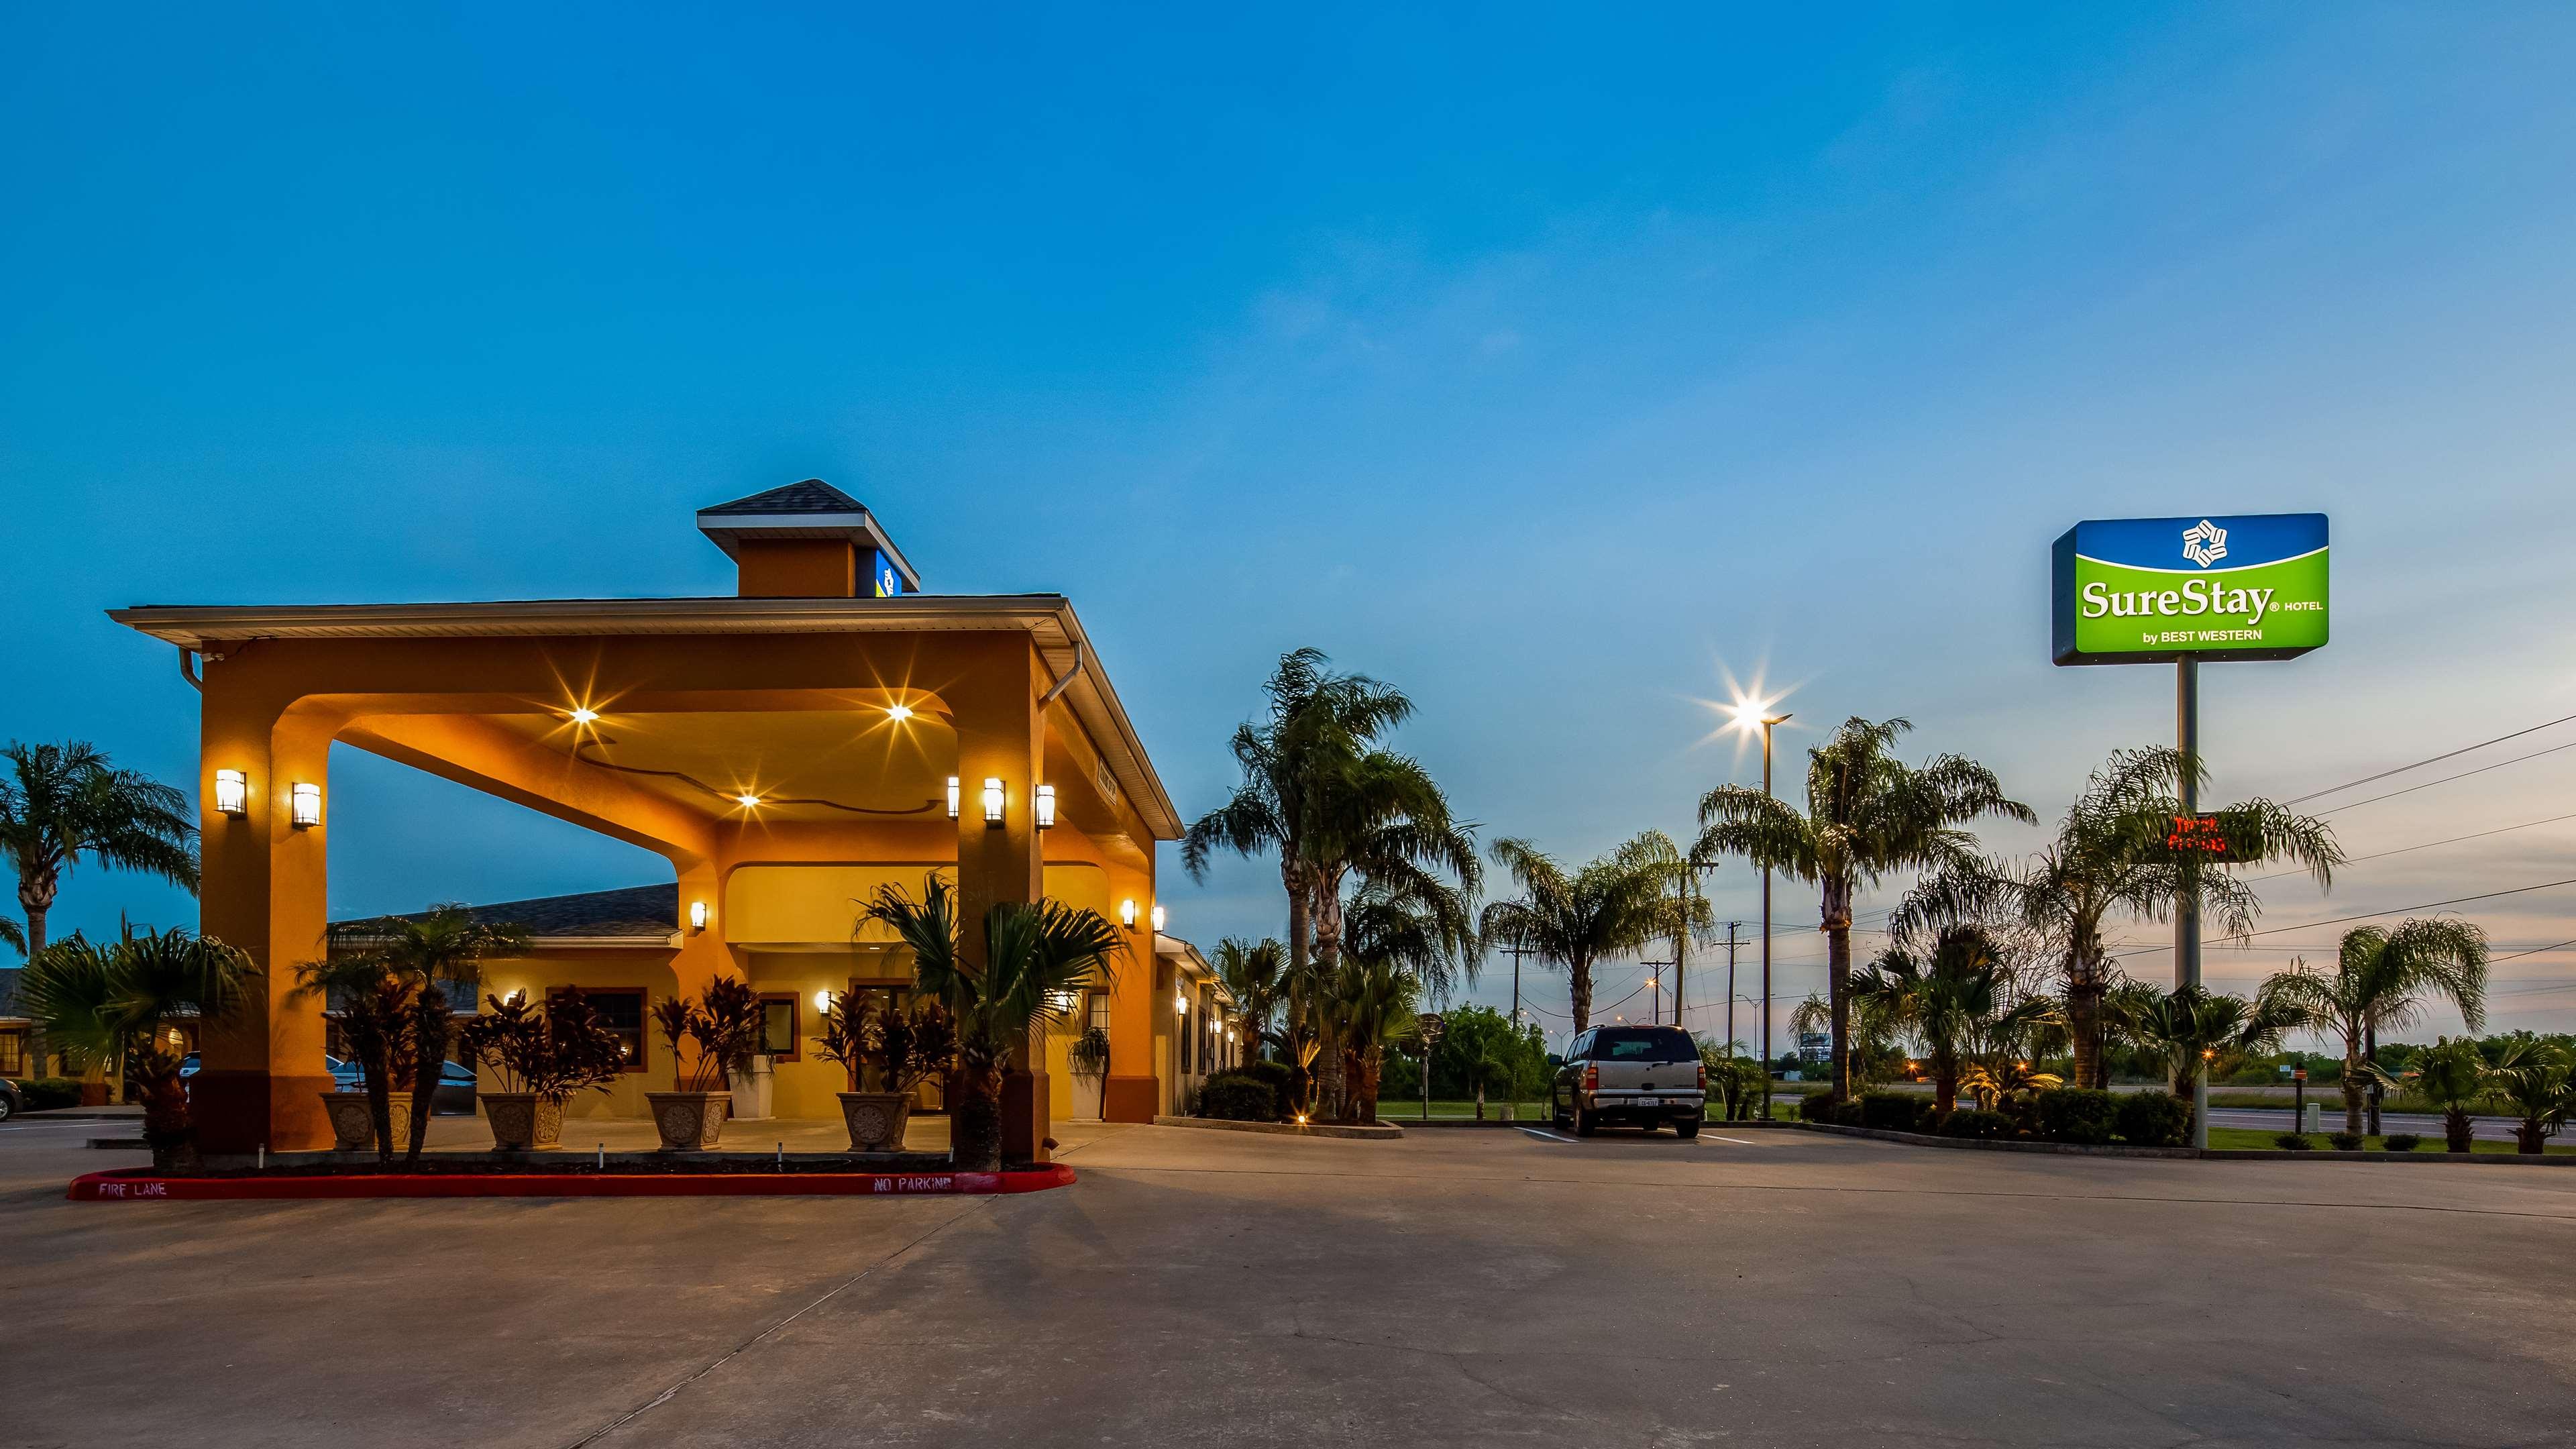 SureStay Hotel by Best Western Falfurrias image 0